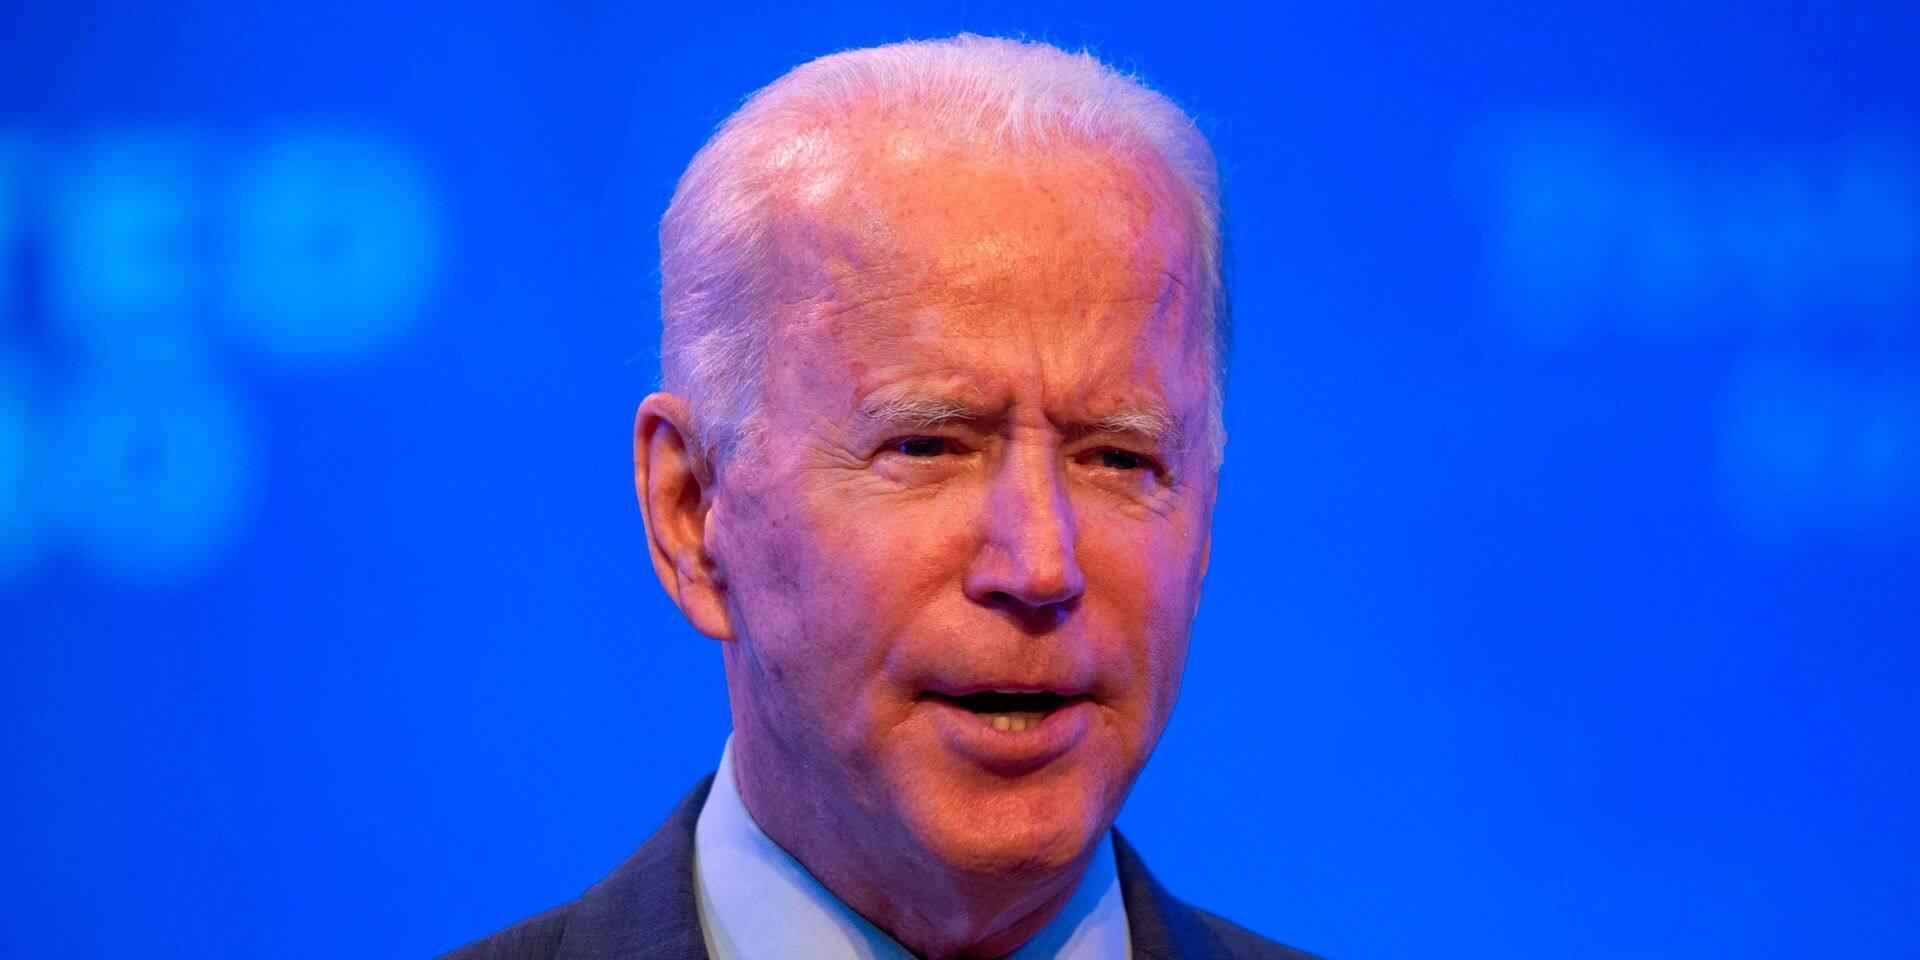 Joe Biden publie ses dernières feuilles d'impôts avant le débat contre Trump